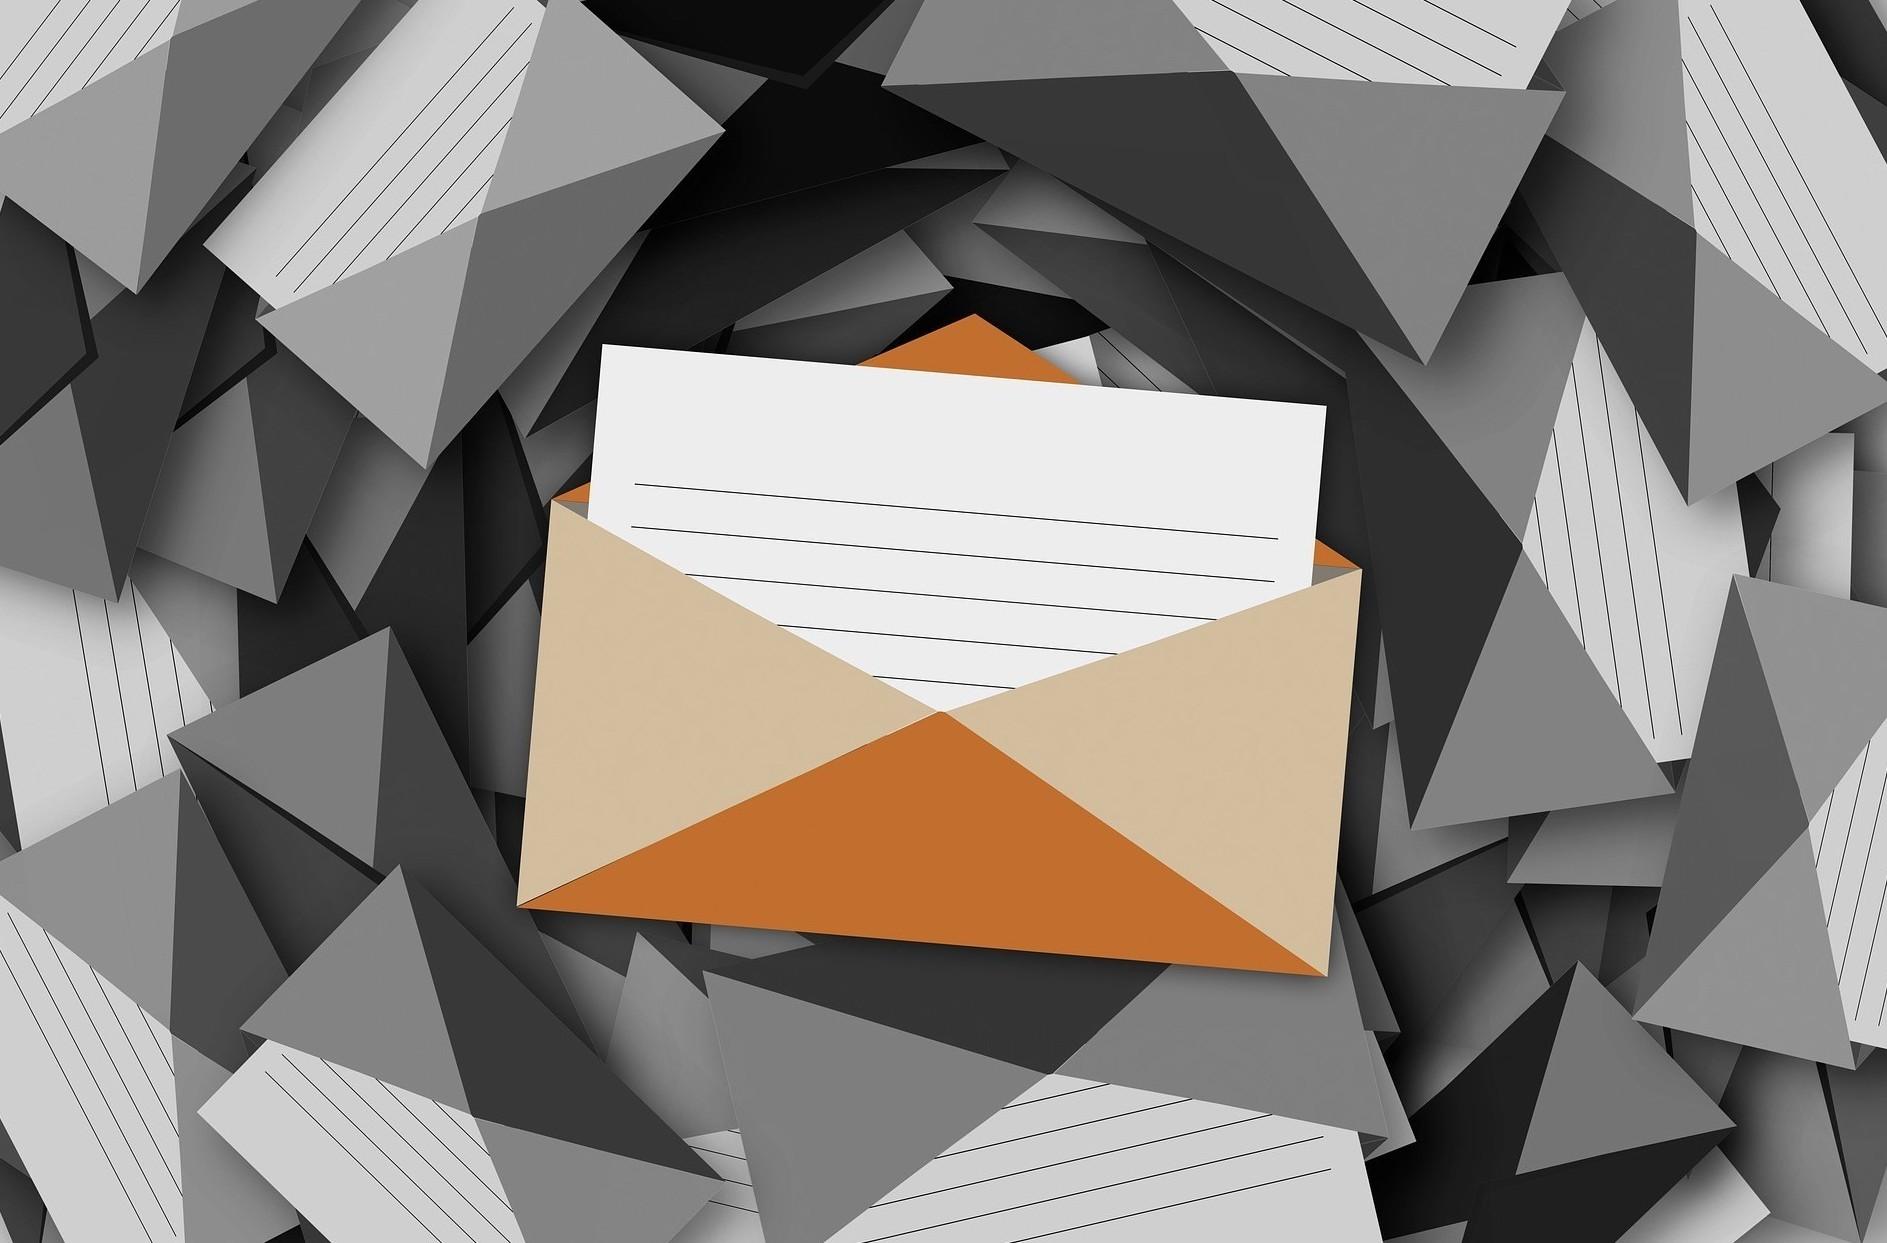 Email, prova legale valida. Massima atte